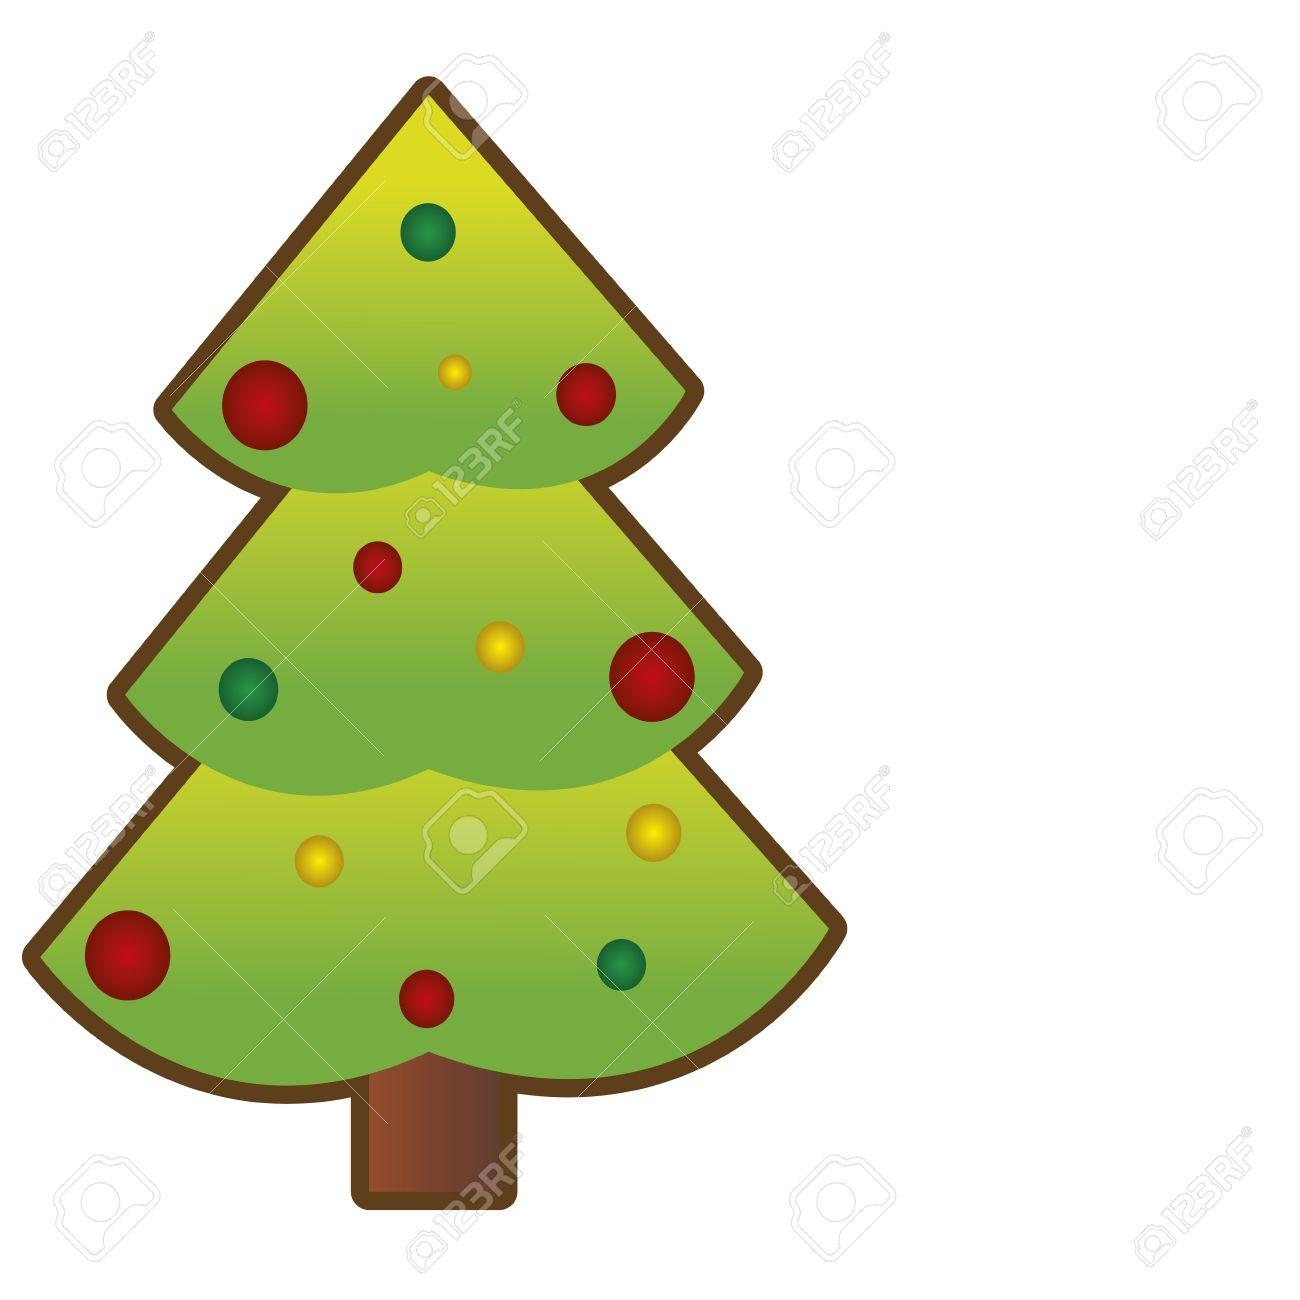 great beautiful elegant perfect dibujos animados abstracto rbol de navidad en un fondo blanco foto de archivo with dibujo with dibujos arboles navidad with - Dibujos Arboles De Navidad